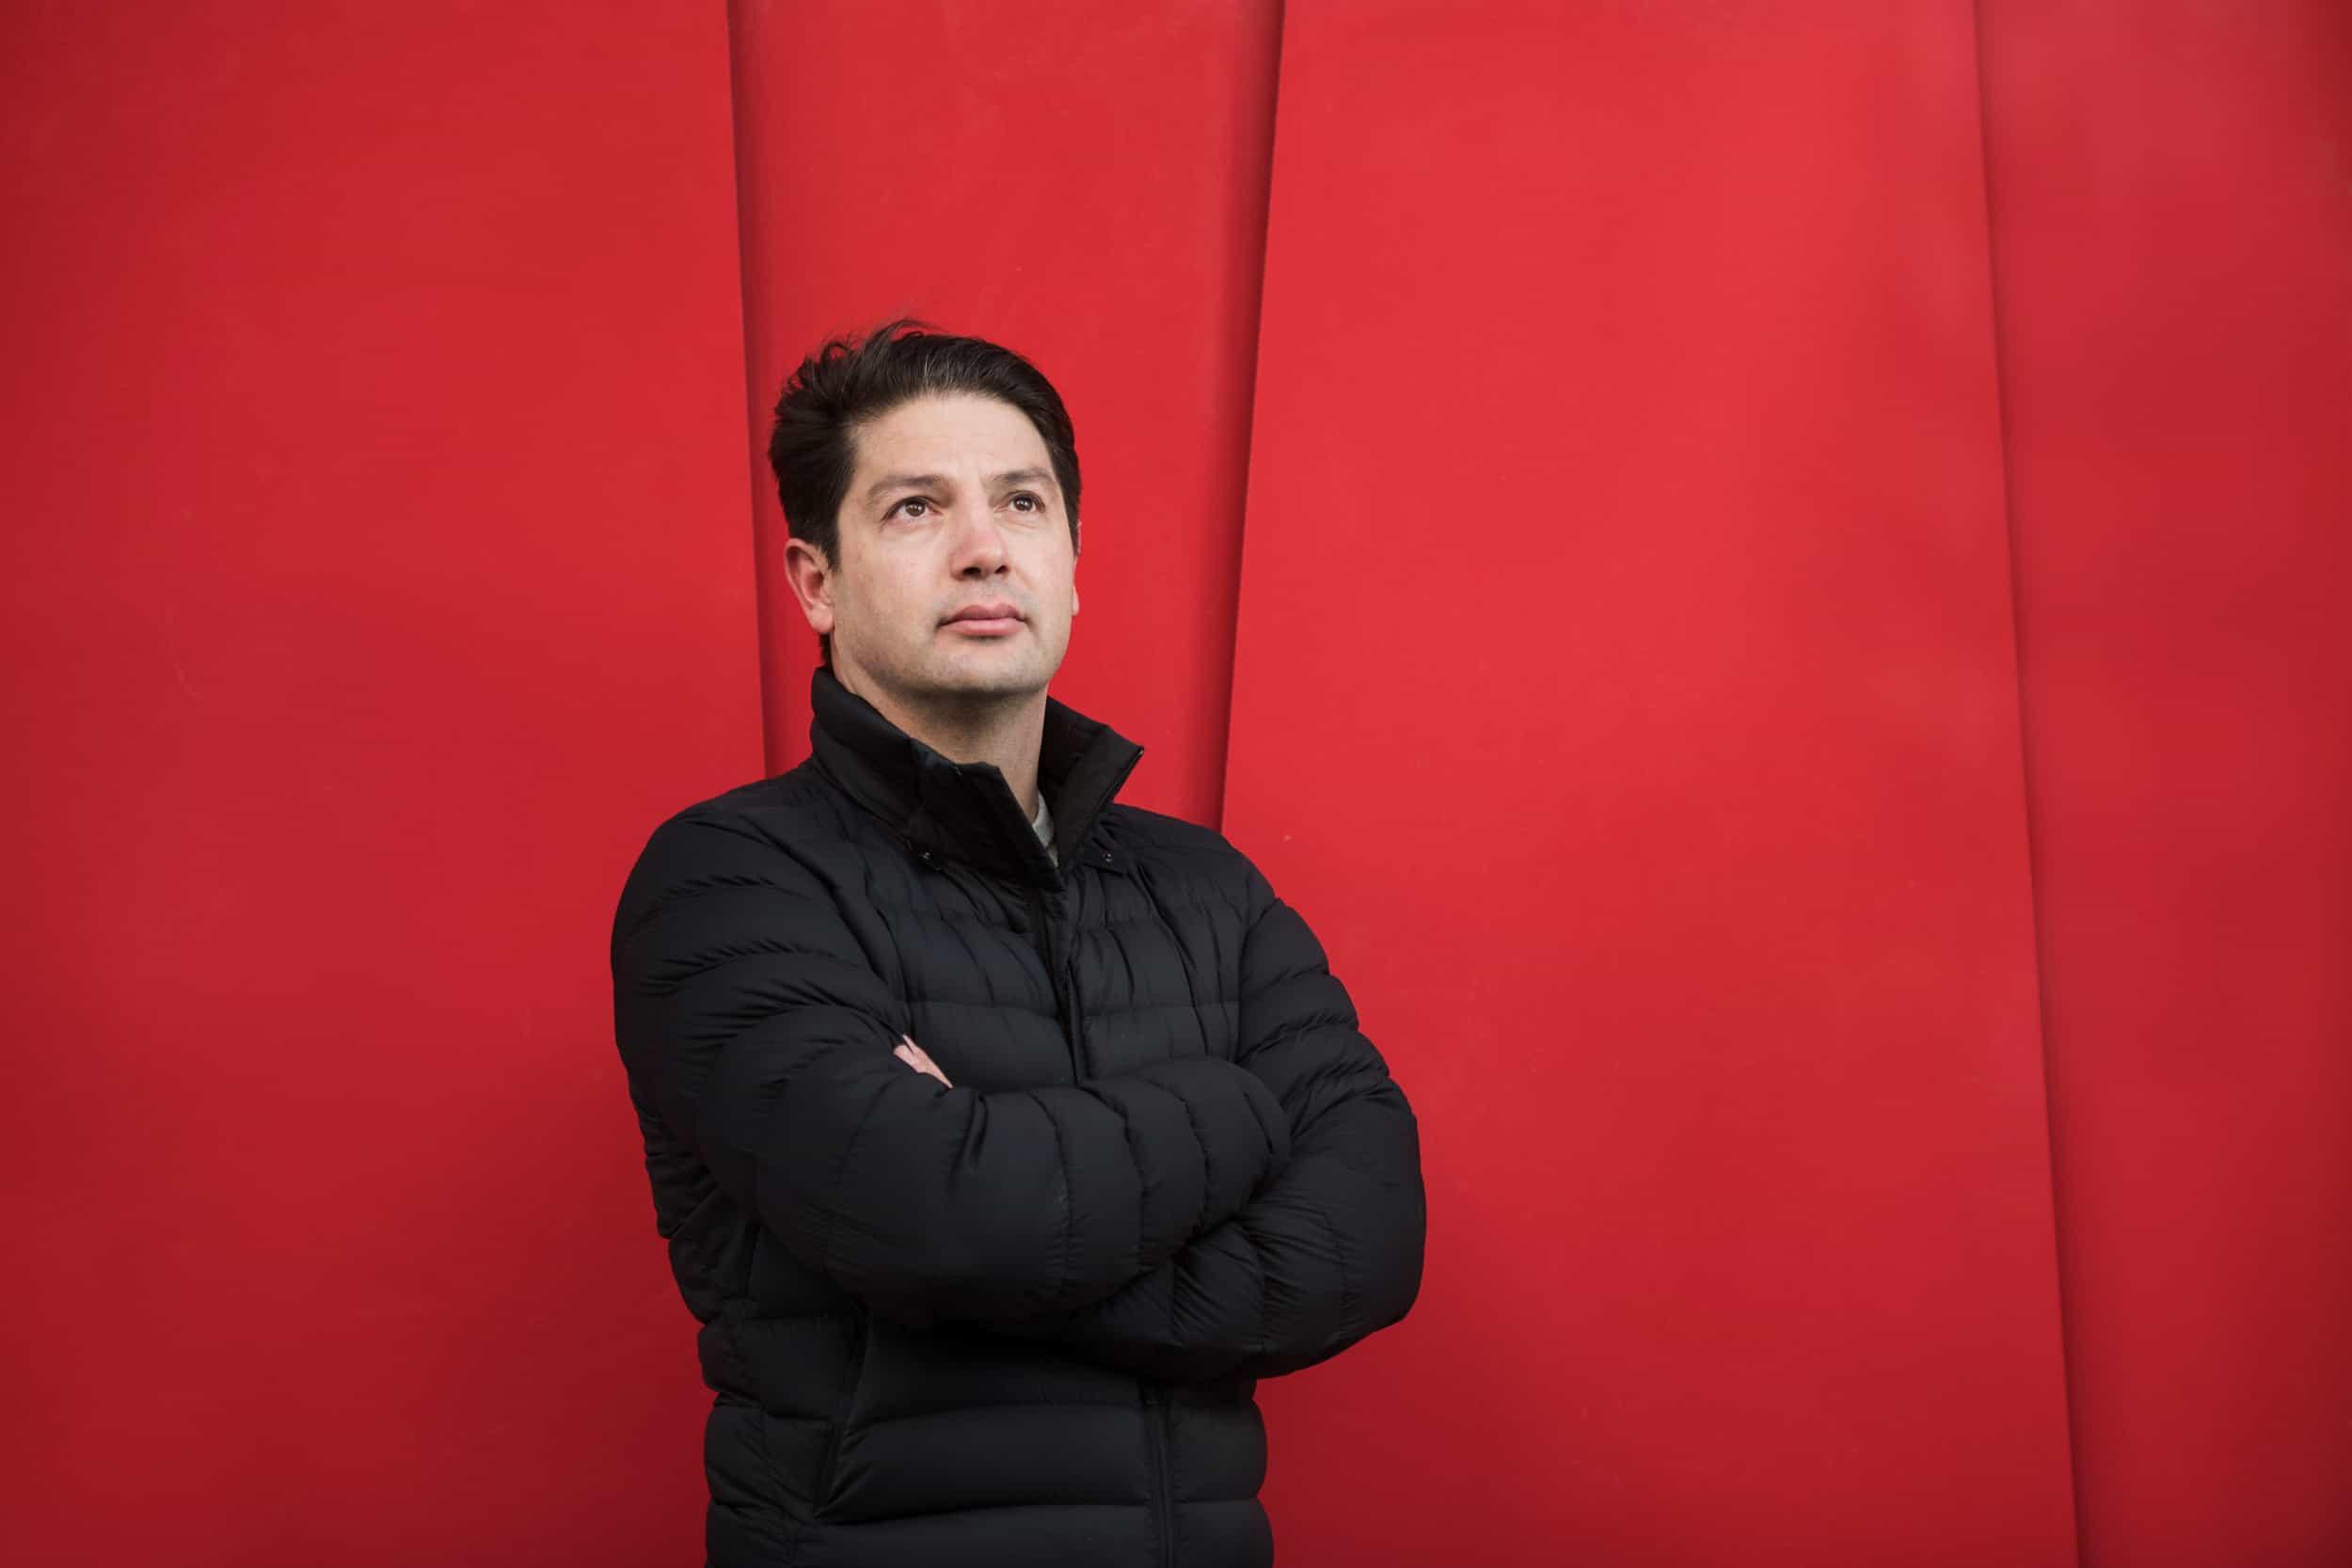 Elias Georgiadis